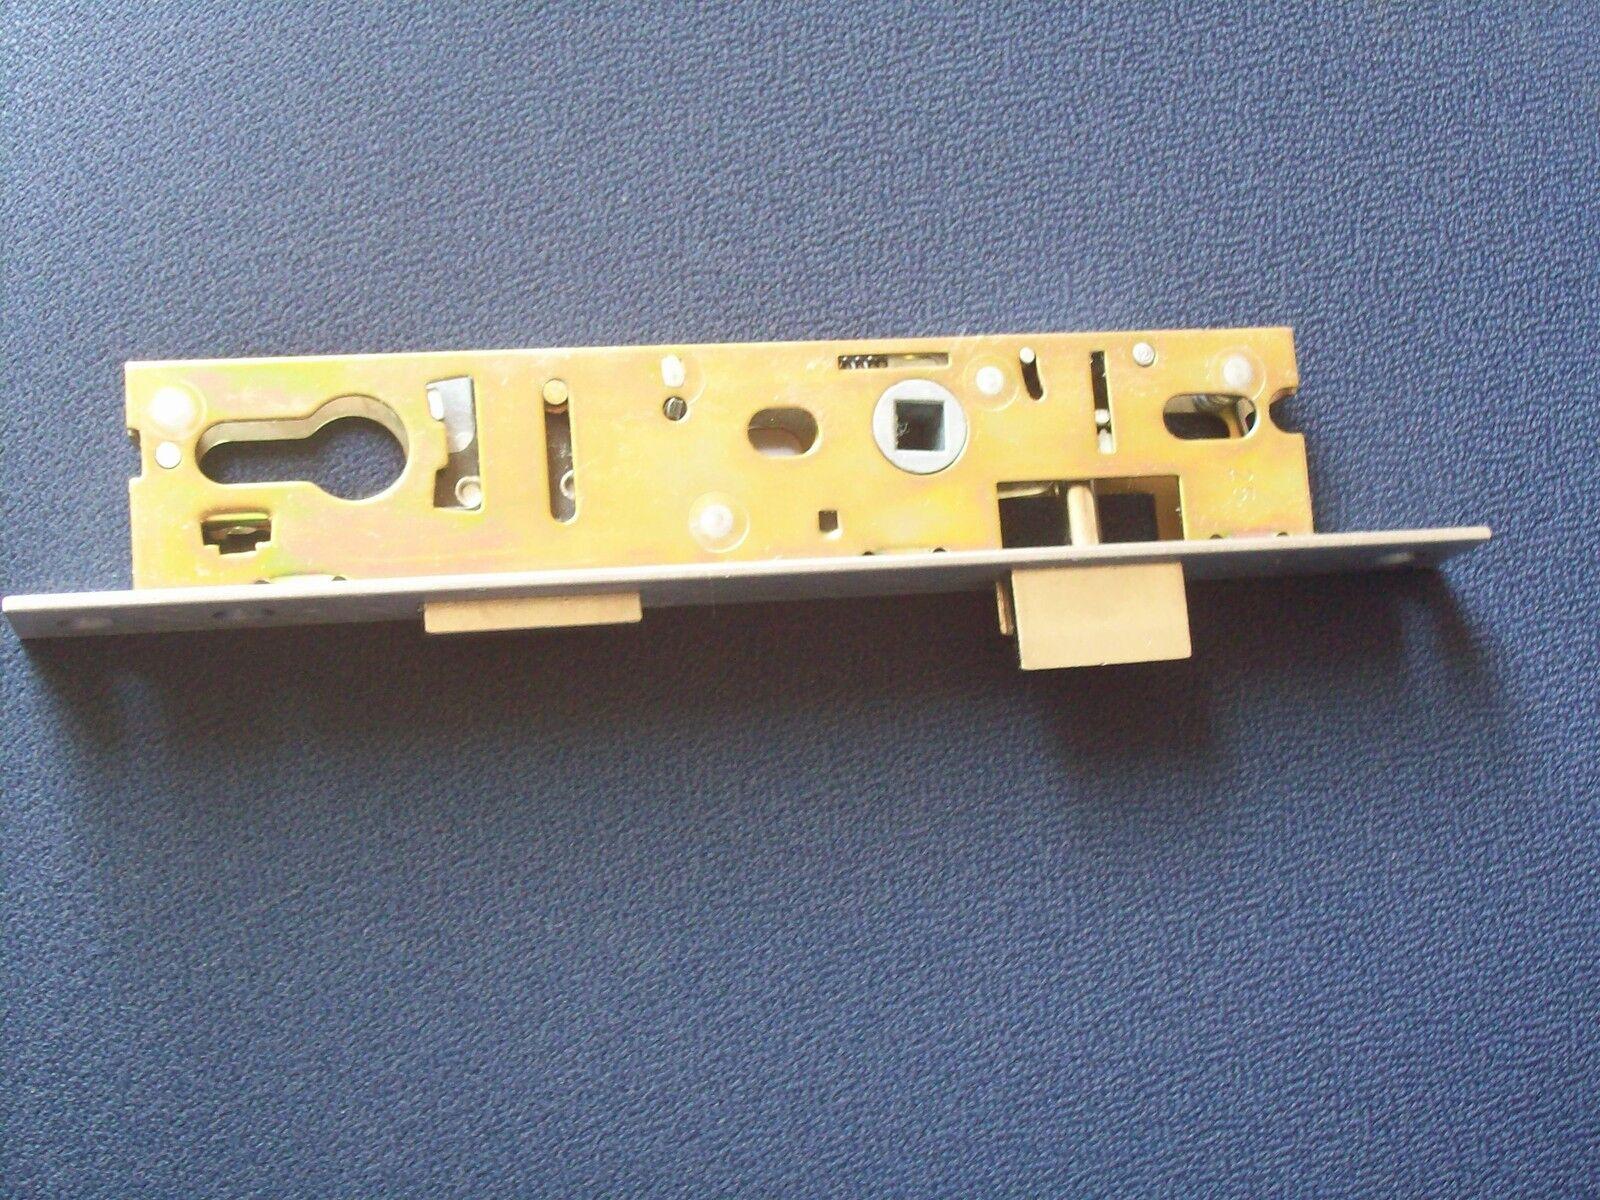 KBV Rohrrahmenschloss 78330 Dorn30   5mm vorsteh, DIN RL, 92 Entf. 24x244 NEU  | Qualitätsprodukte  | Deutsche Outlets  | Starker Wert  | Hochwertige Materialien